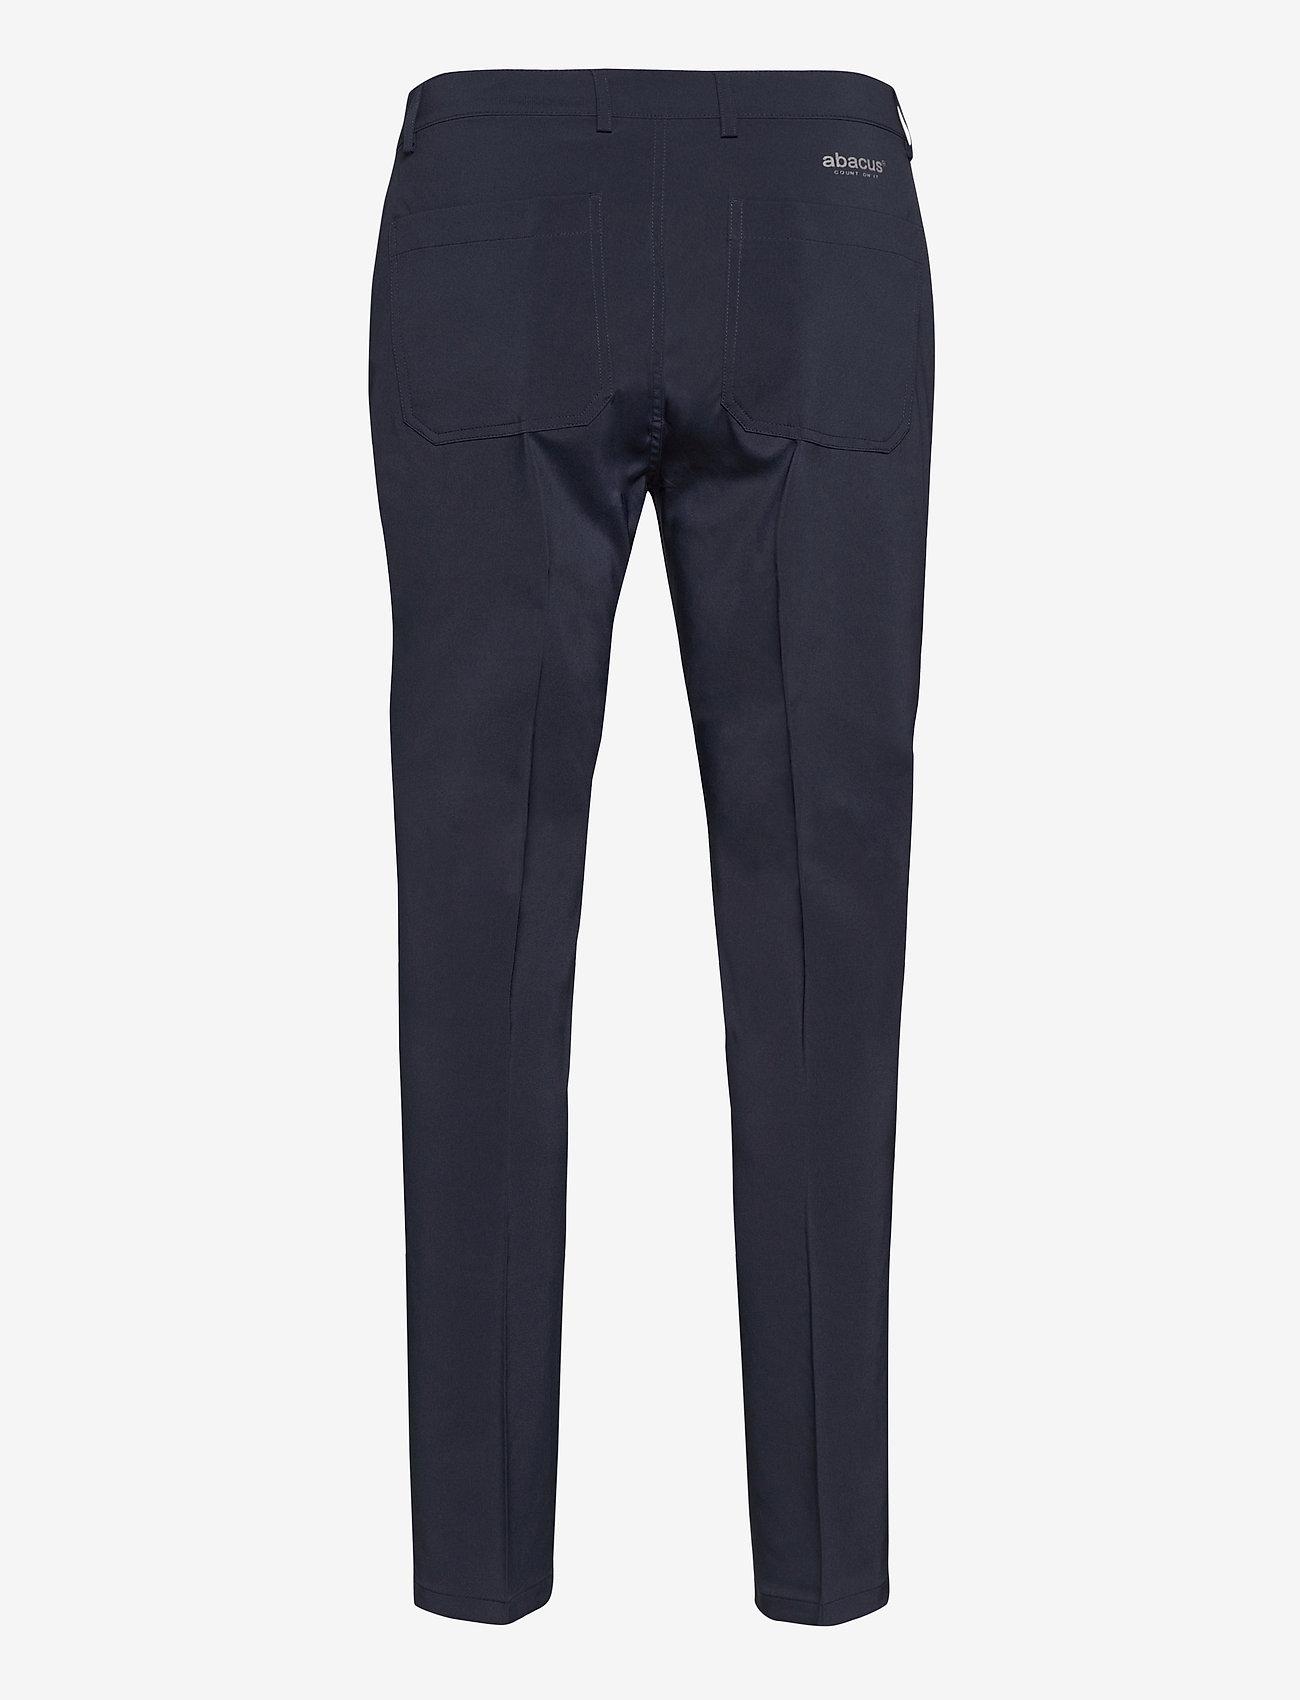 Abacus - Mens Cleek stretch trousers - golfbroeken - navy - 1